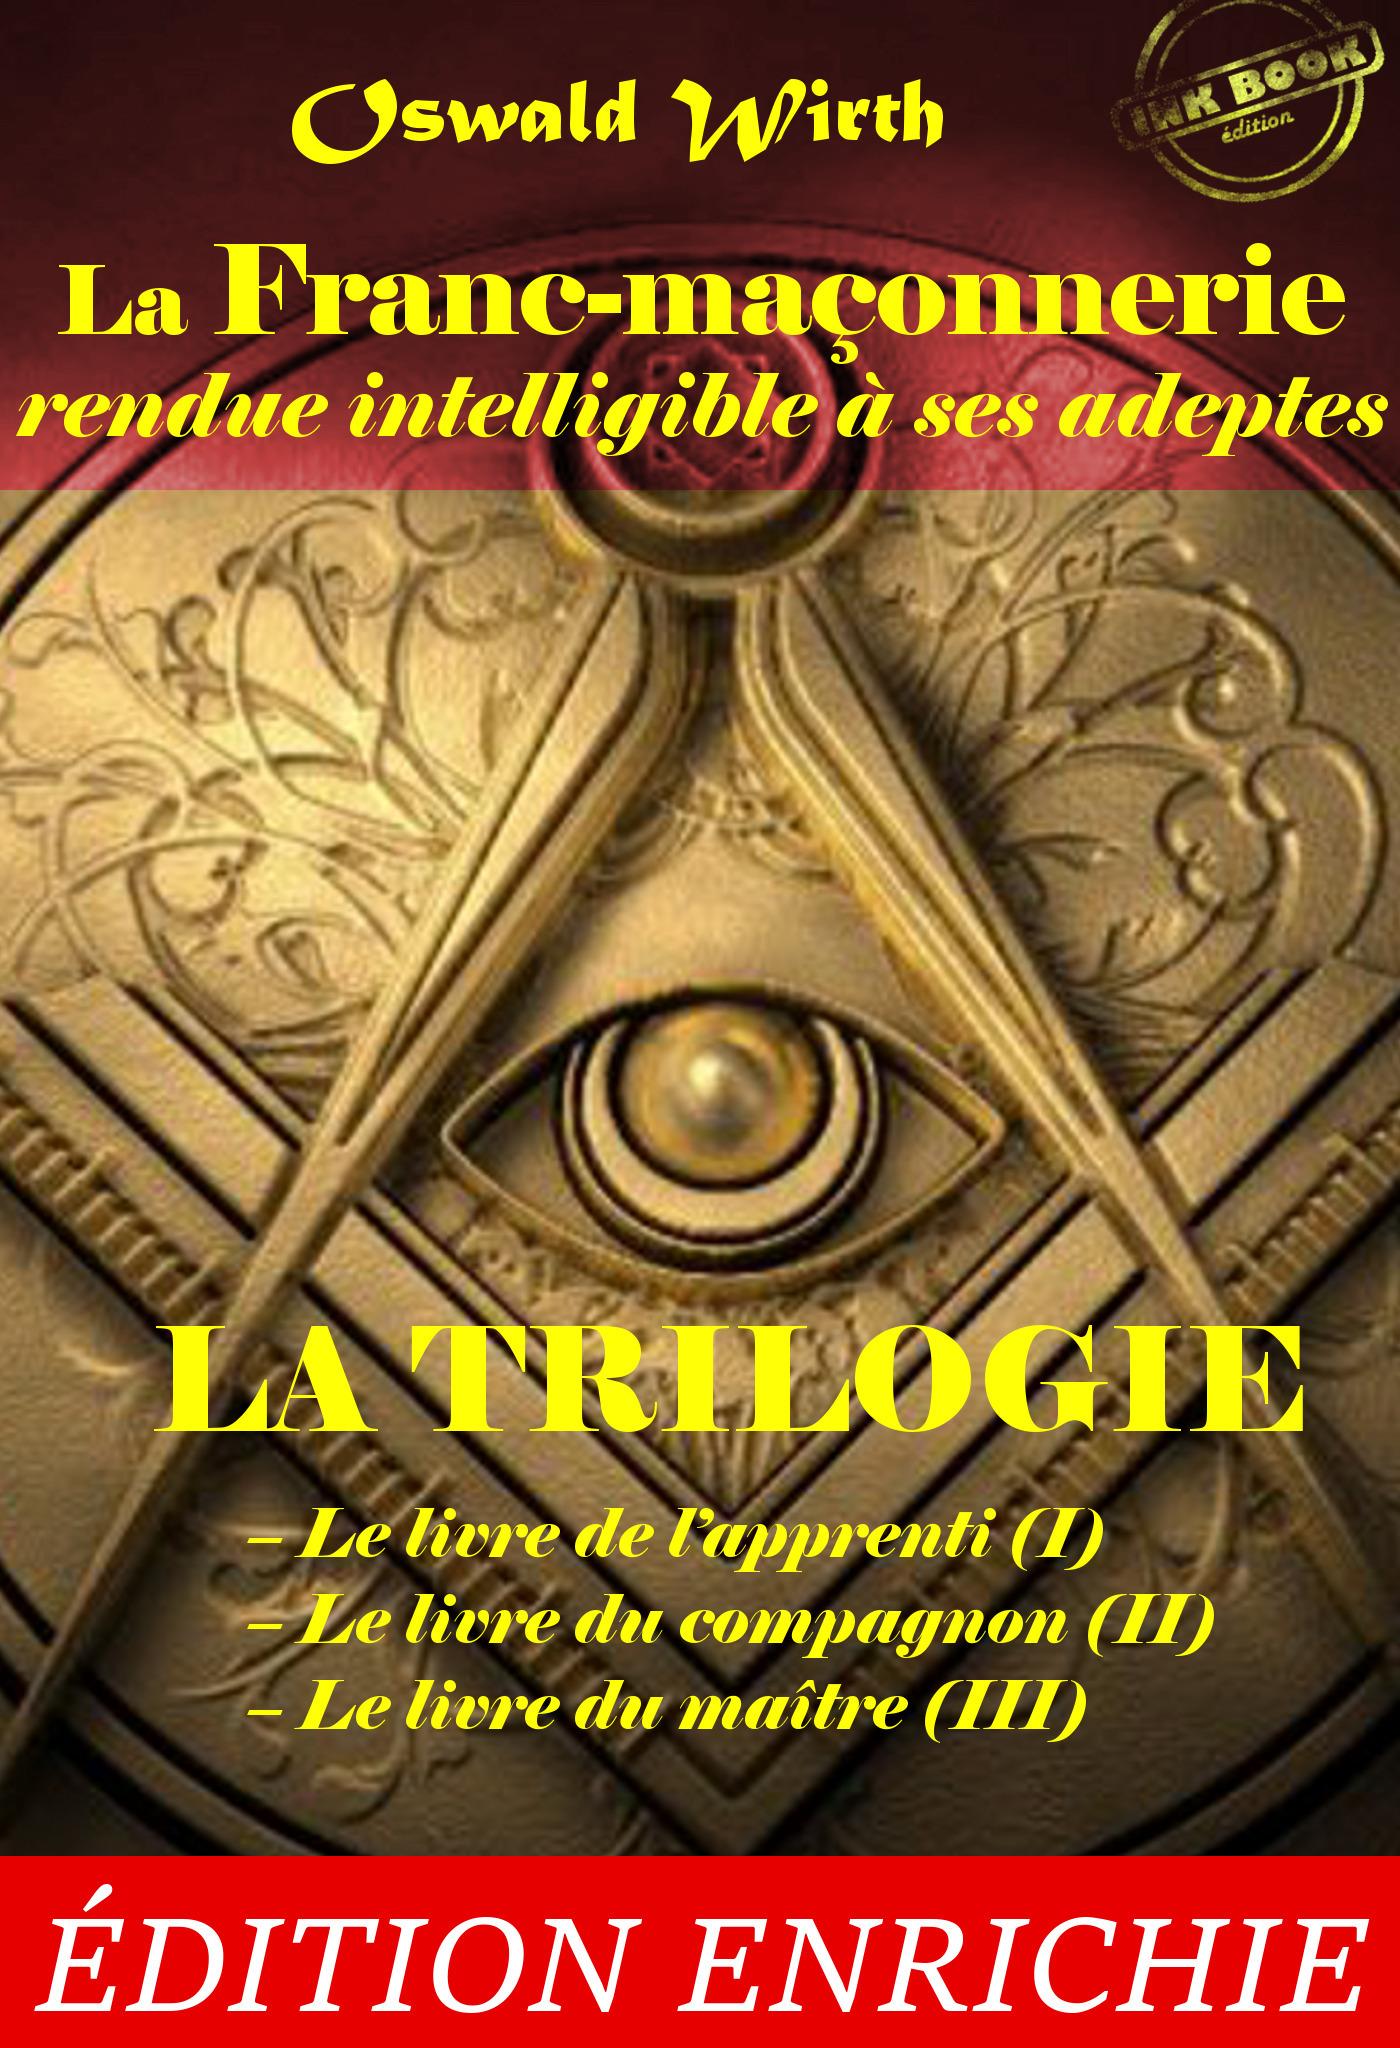 La Franc-maçonnerie rendue intelligible à ses adeptes. La Trilogie : Le livre de l´apprenti (I) - Le livre du compagnon (II) - Le livre du maître (III) [Nouv. éd. revue et mise à jour]